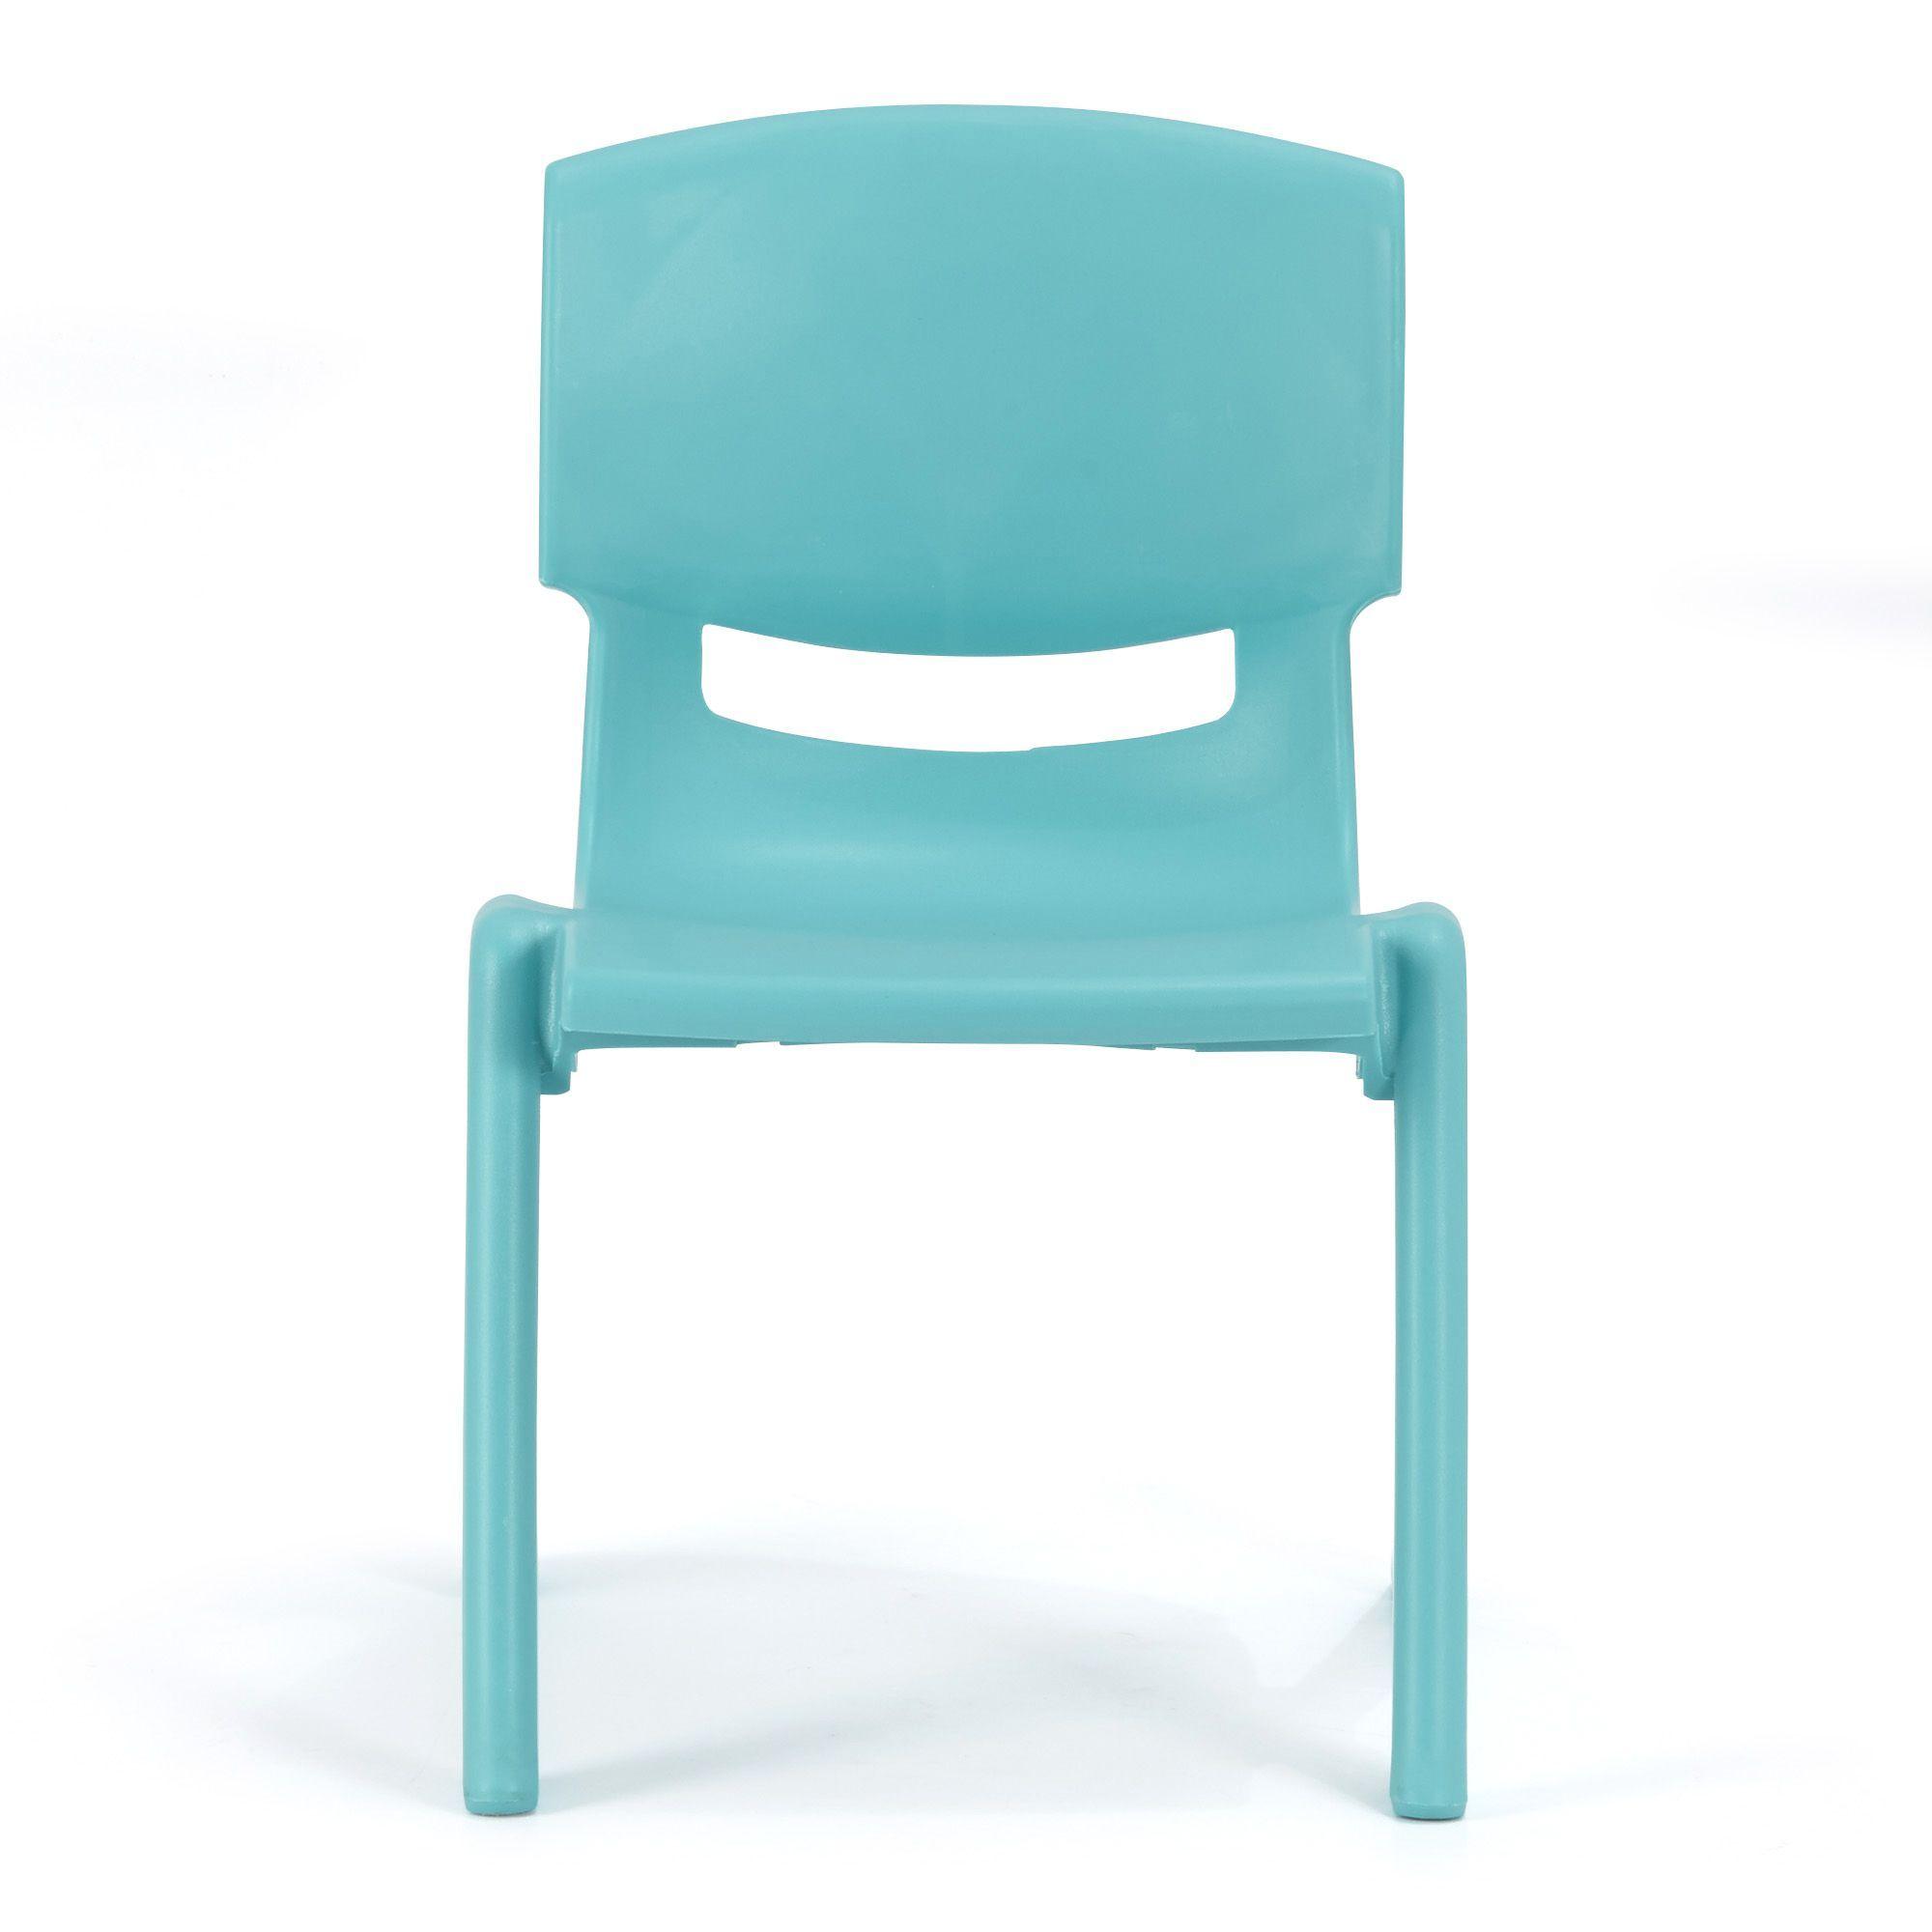 Chaise Bleu Lagon Pour Enfant H53 5cm Hobbit Les Chaises Et  # Miami Meuble Tv Alinea